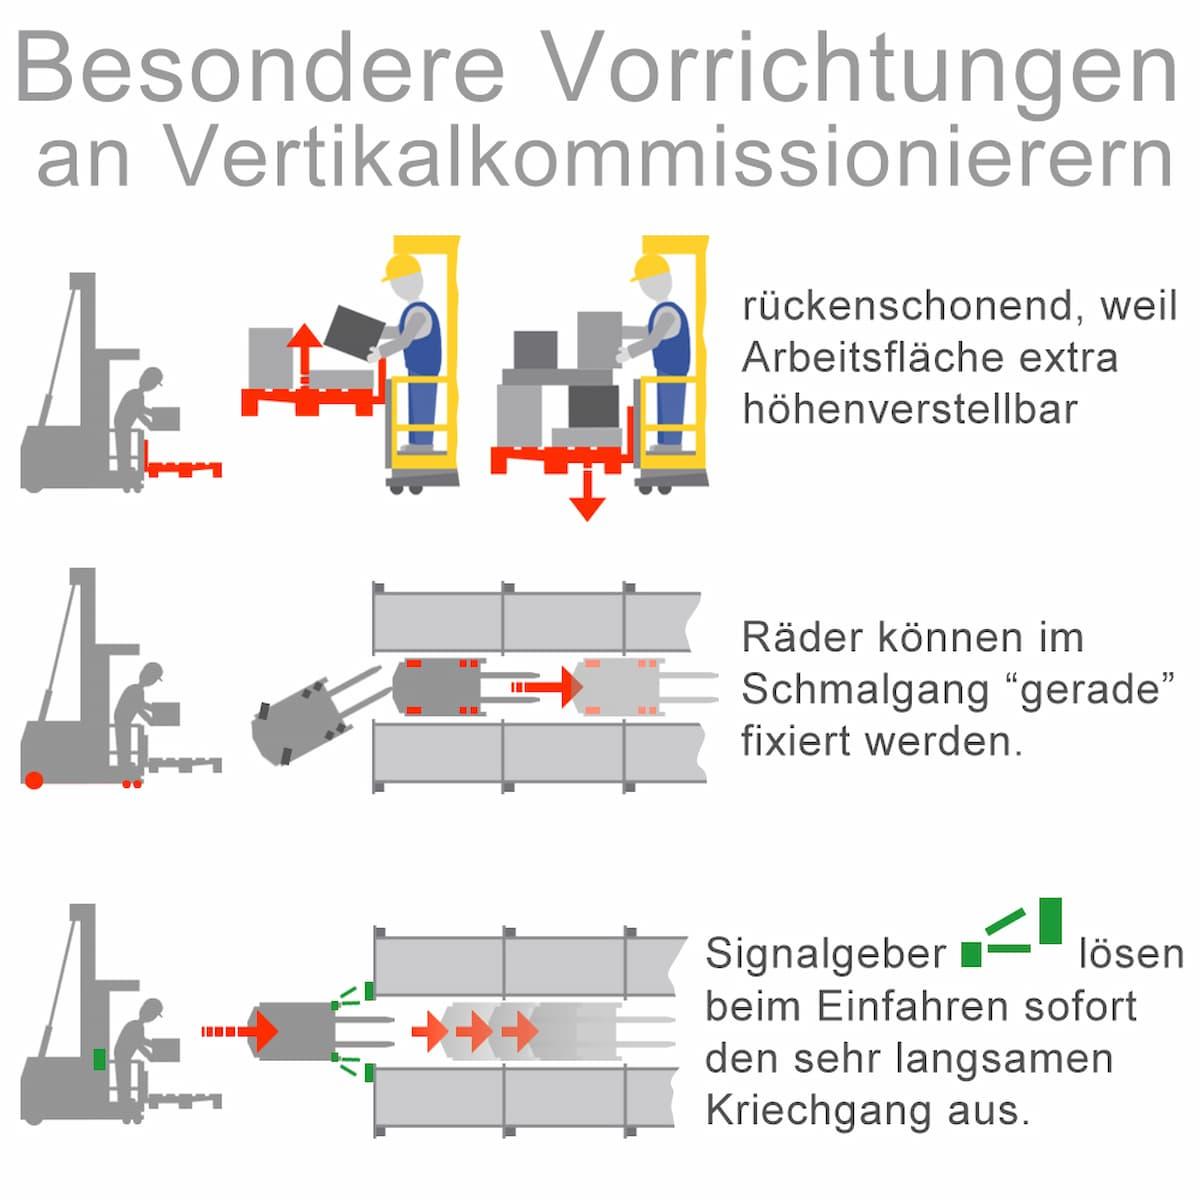 Eigenschaften von Vertikalkommissionierern